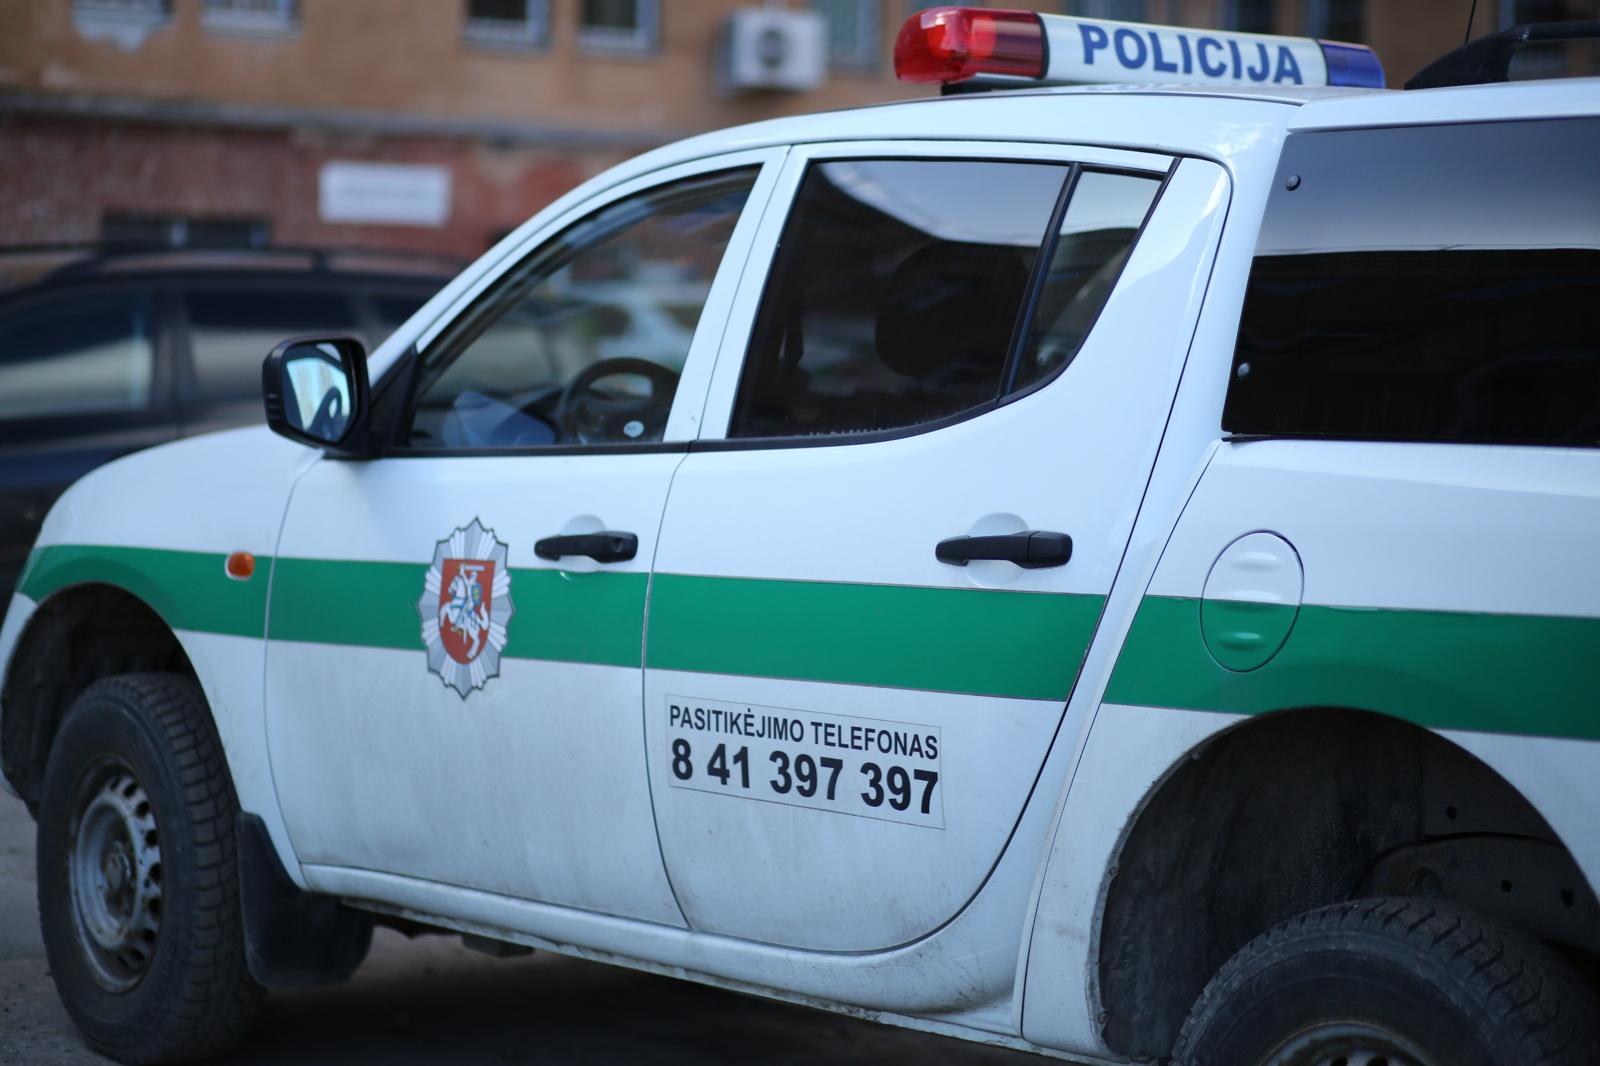 Šiaulių rajone paauglė sumušė patėvį